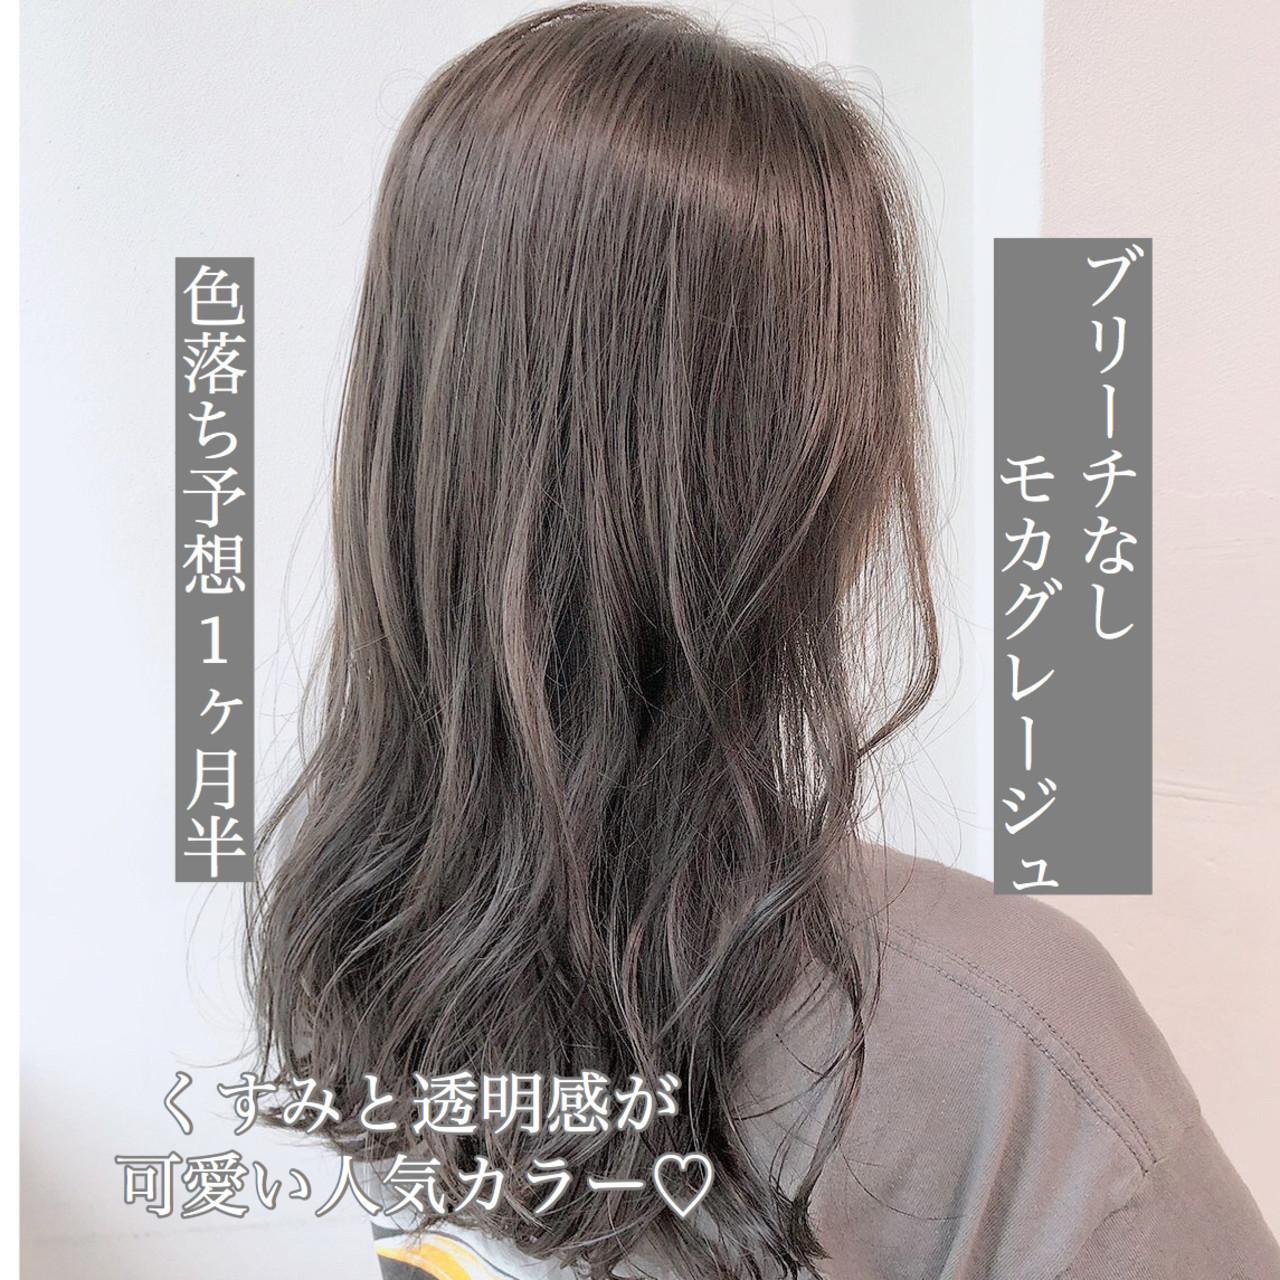 ロング ベージュ アッシュ ナチュラル ヘアスタイルや髪型の写真・画像